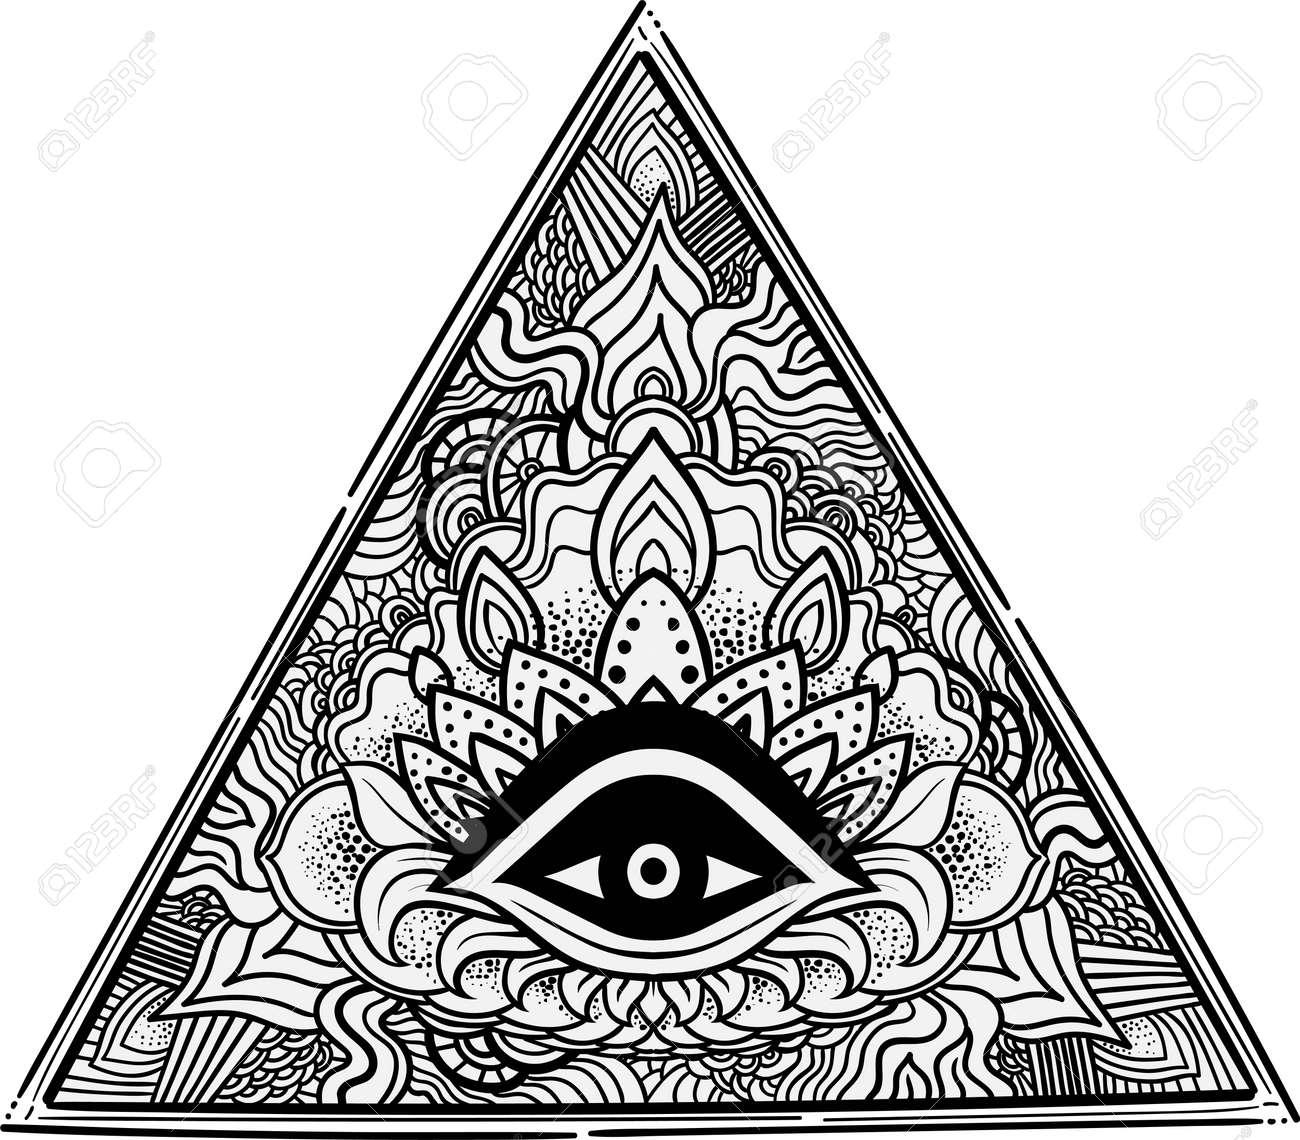 6a54db2df27f1 Eye of Providence. Masonic symbol. All seeing eye inside triangle pyramid.  Hand-